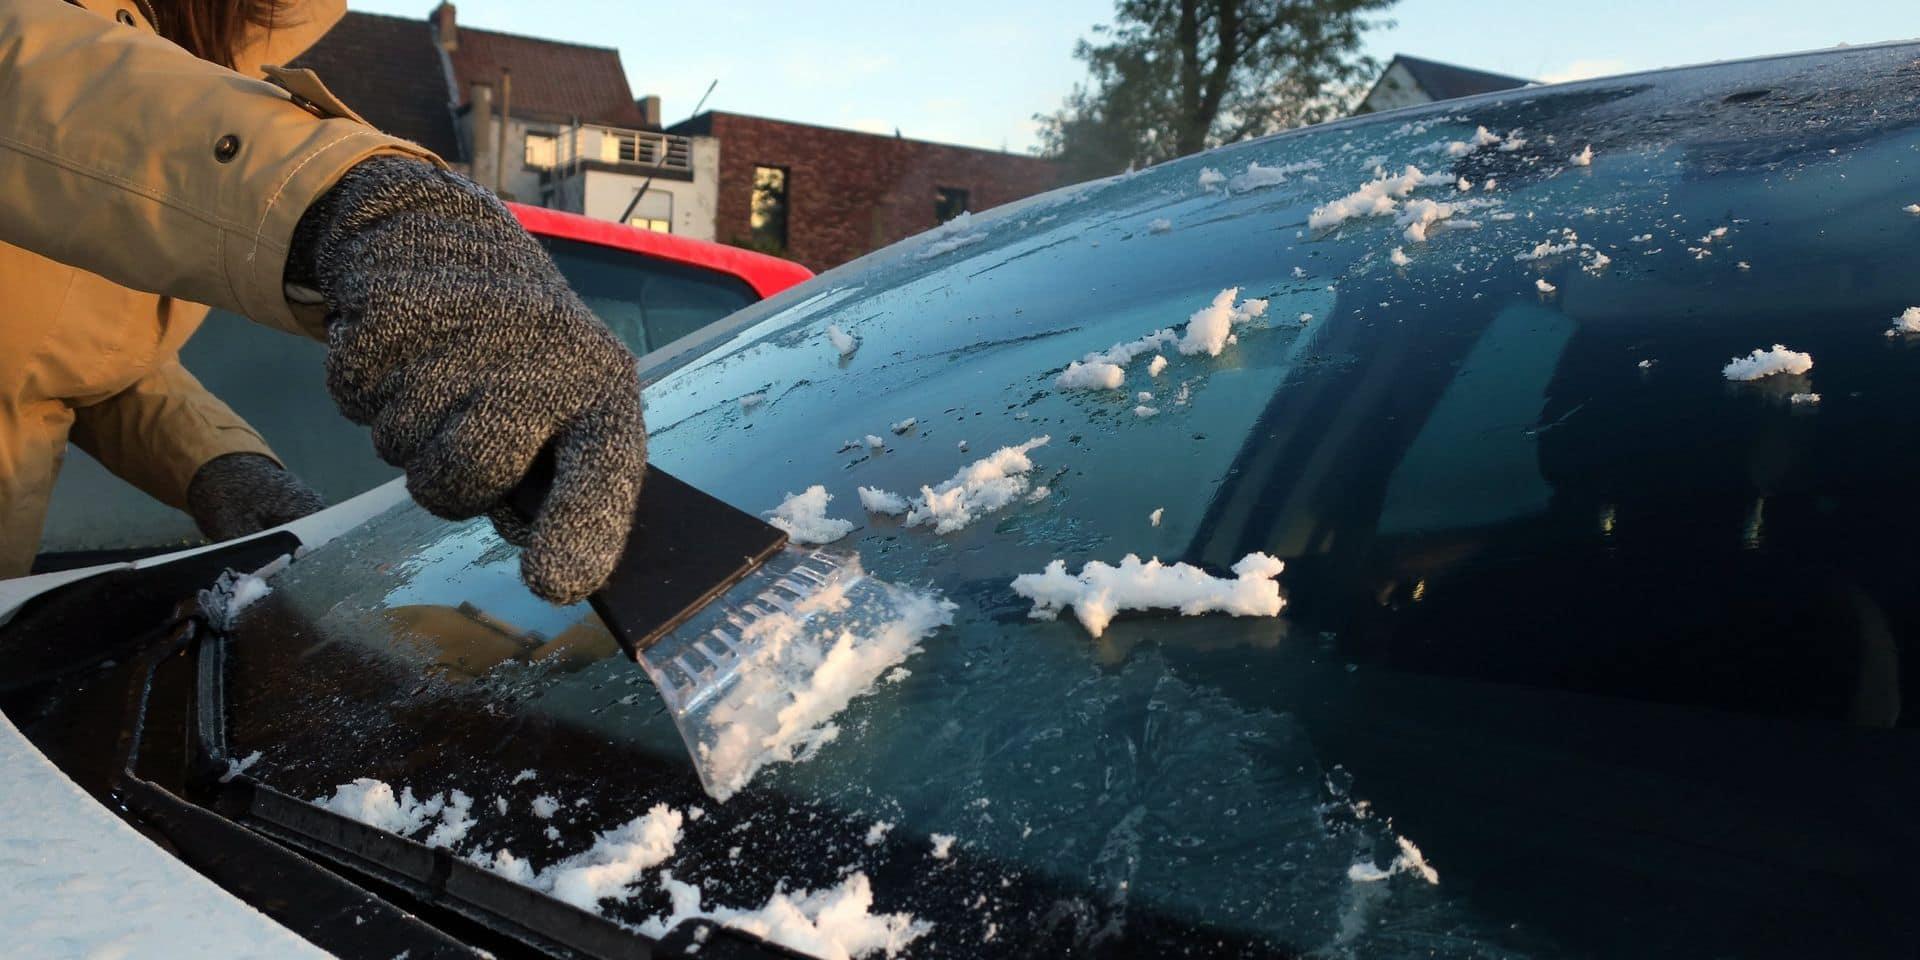 Laisser tourner son moteur pour réchauffer sa voiture : attention aux amendes